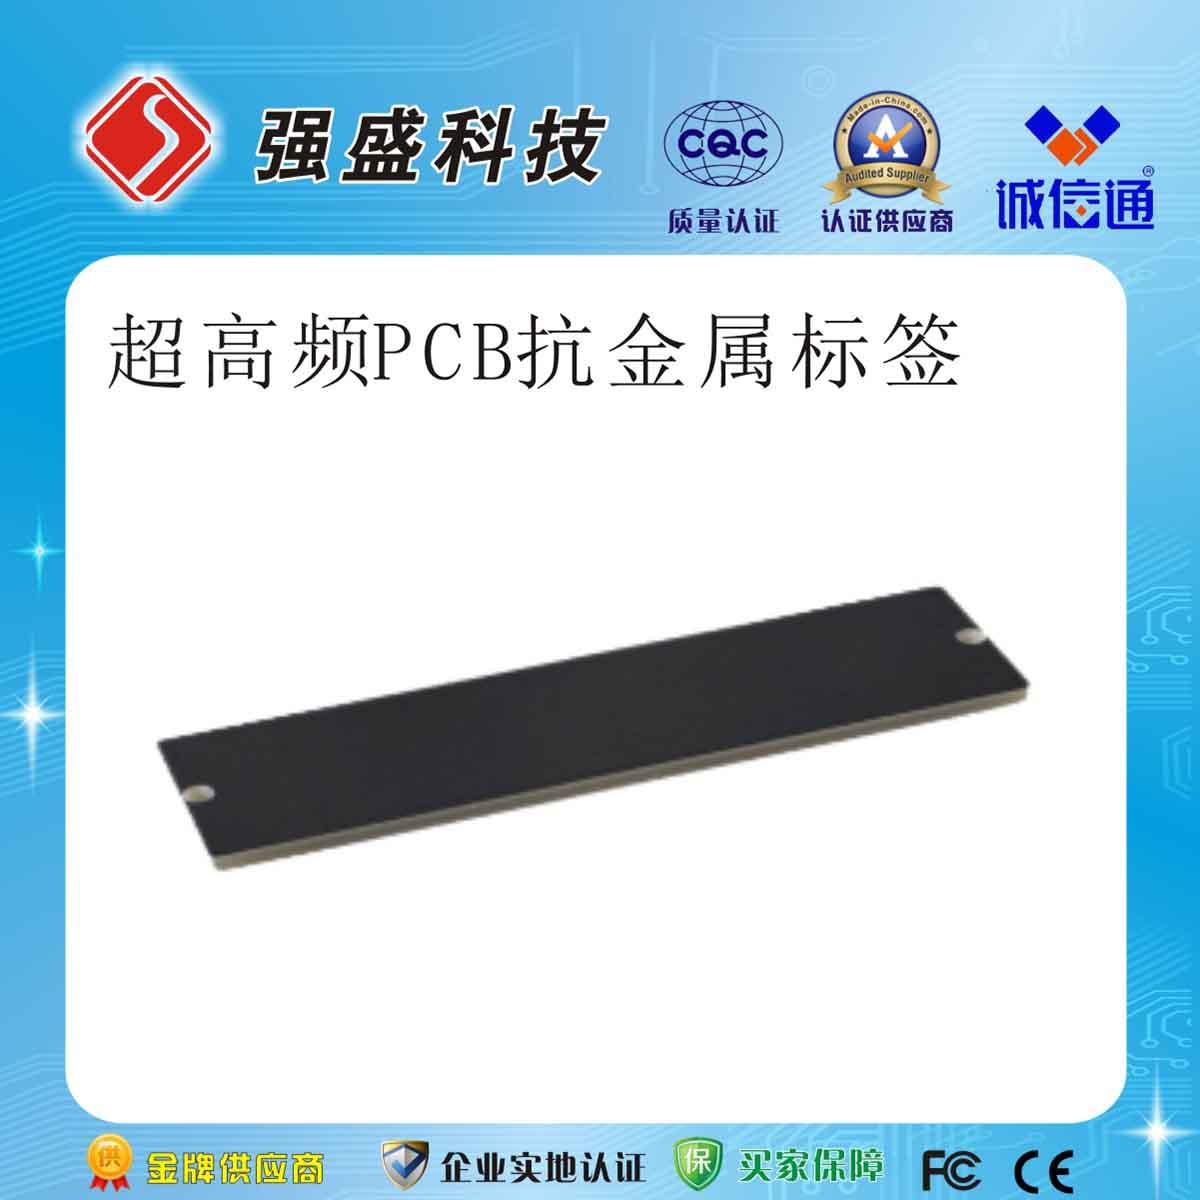 供应PCB抗金属标签9525带3M背胶螺丝固定孔